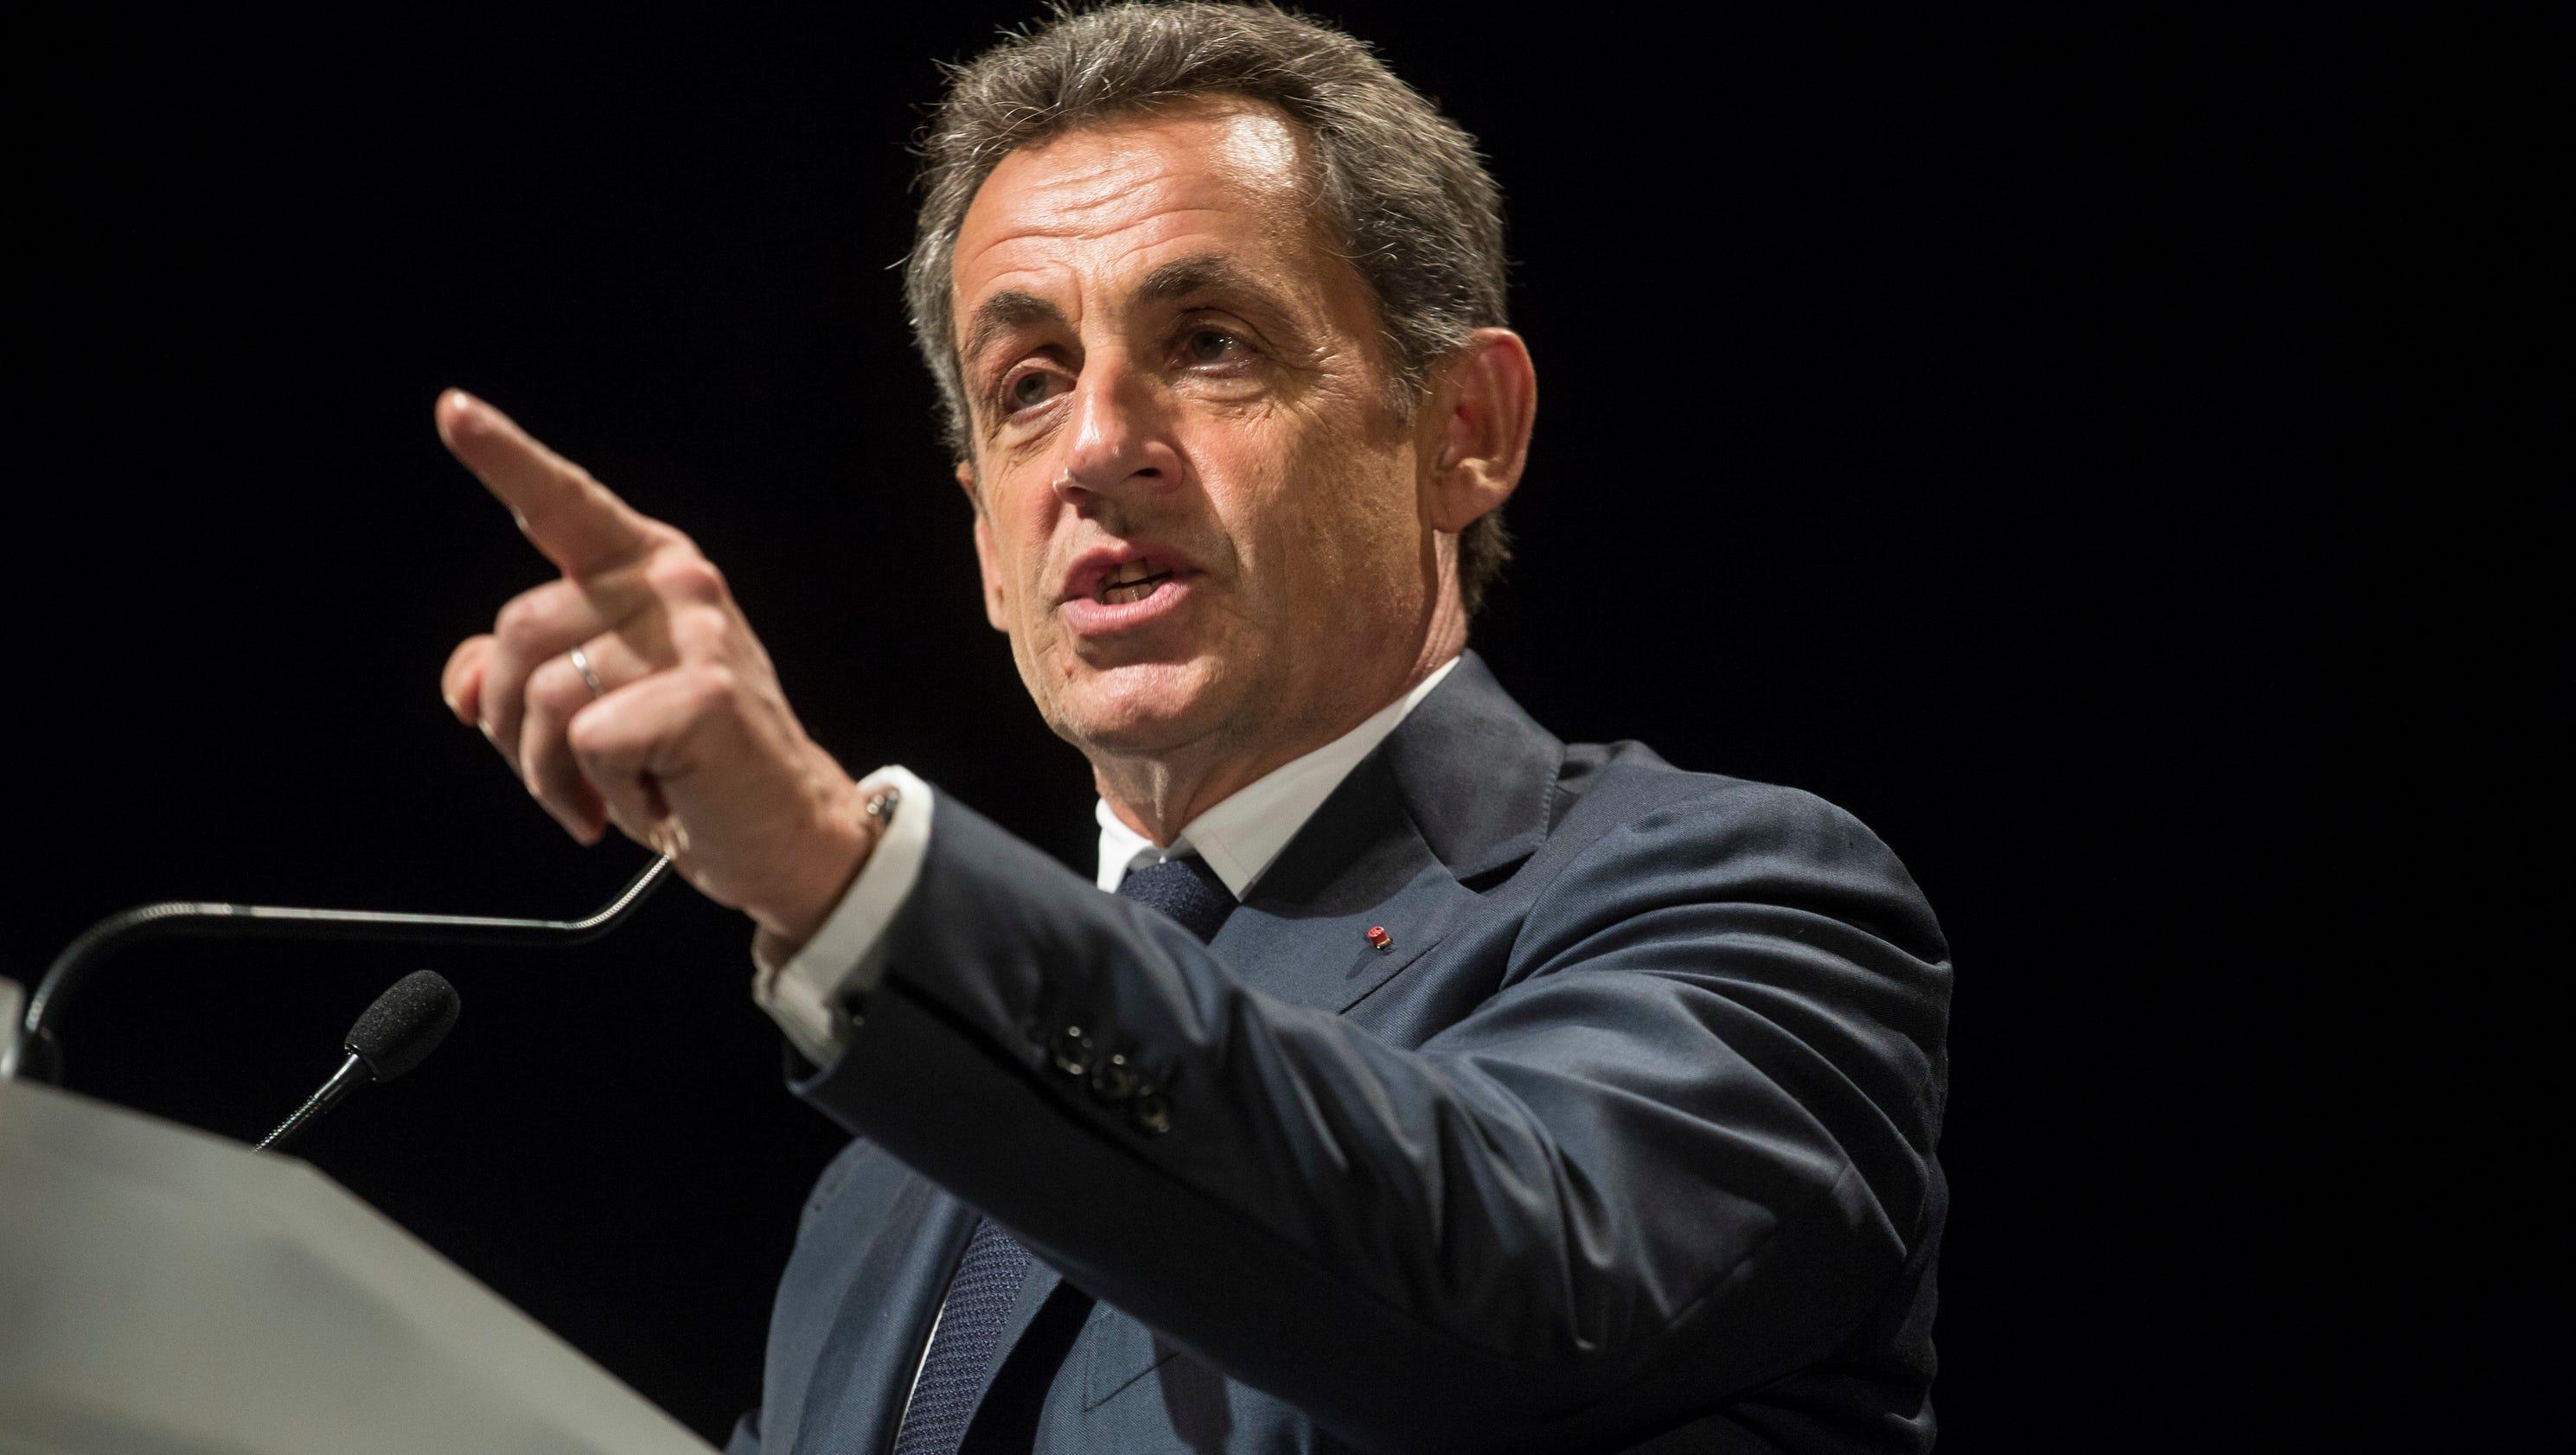 Nicolas Sarkozy, former French president, in police custody: report